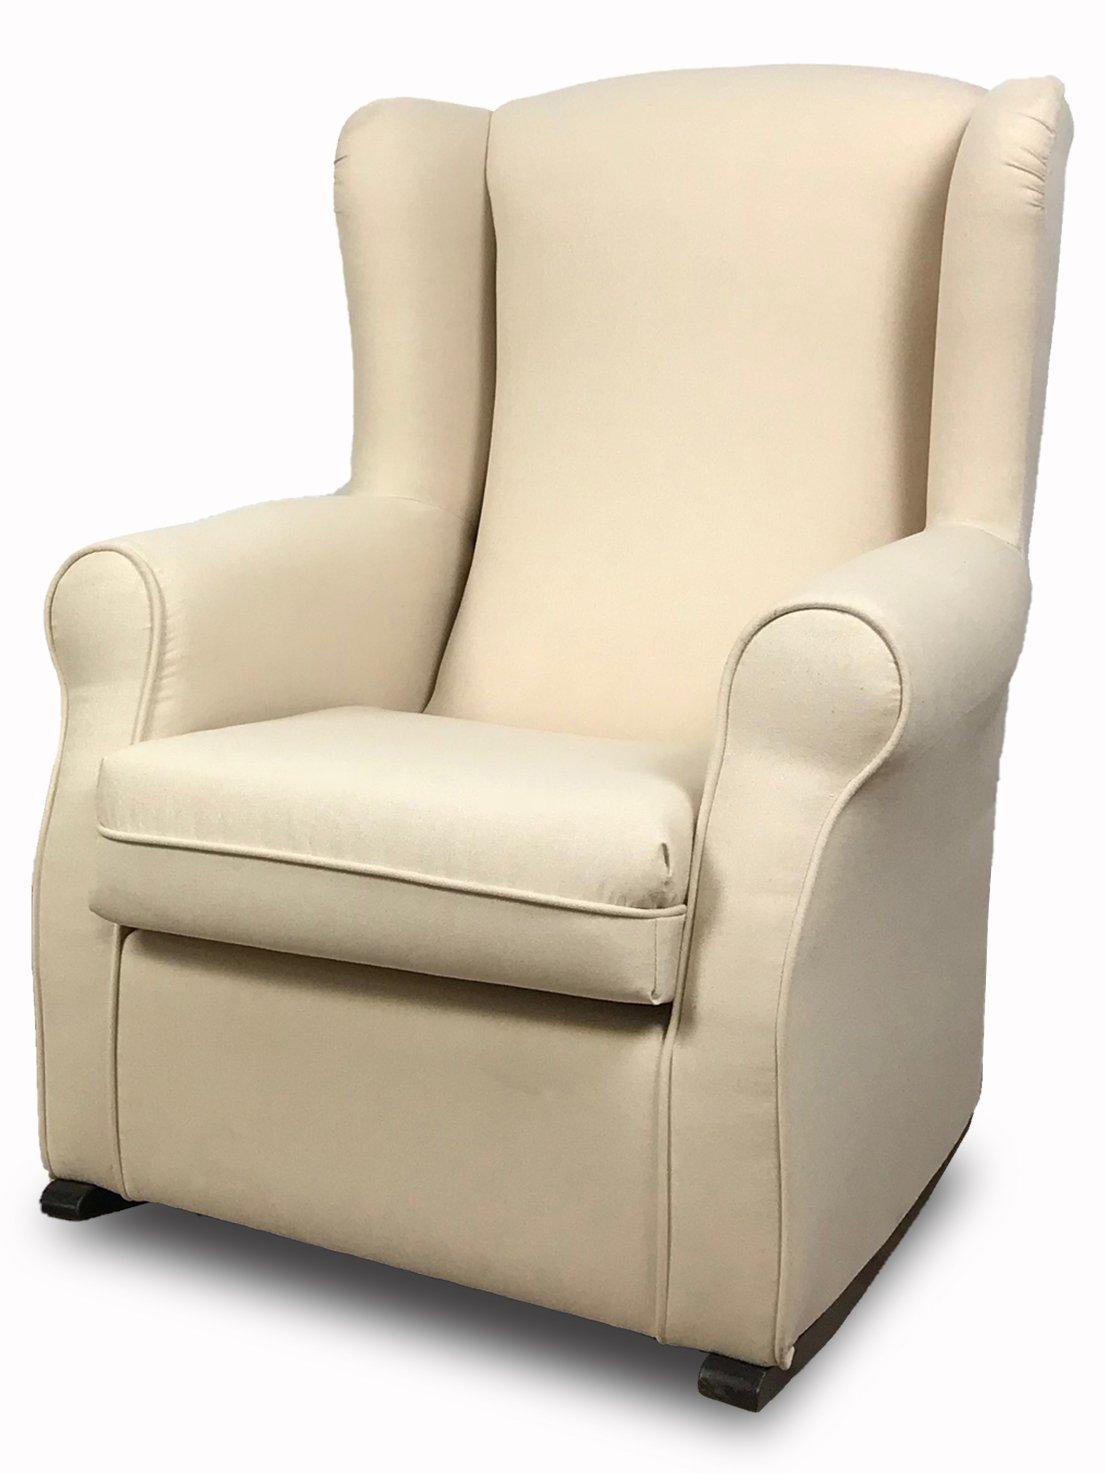 sofas rinconeras baratos madrid segunda mano designer sale mecedora de lactancia sillón y butaca online